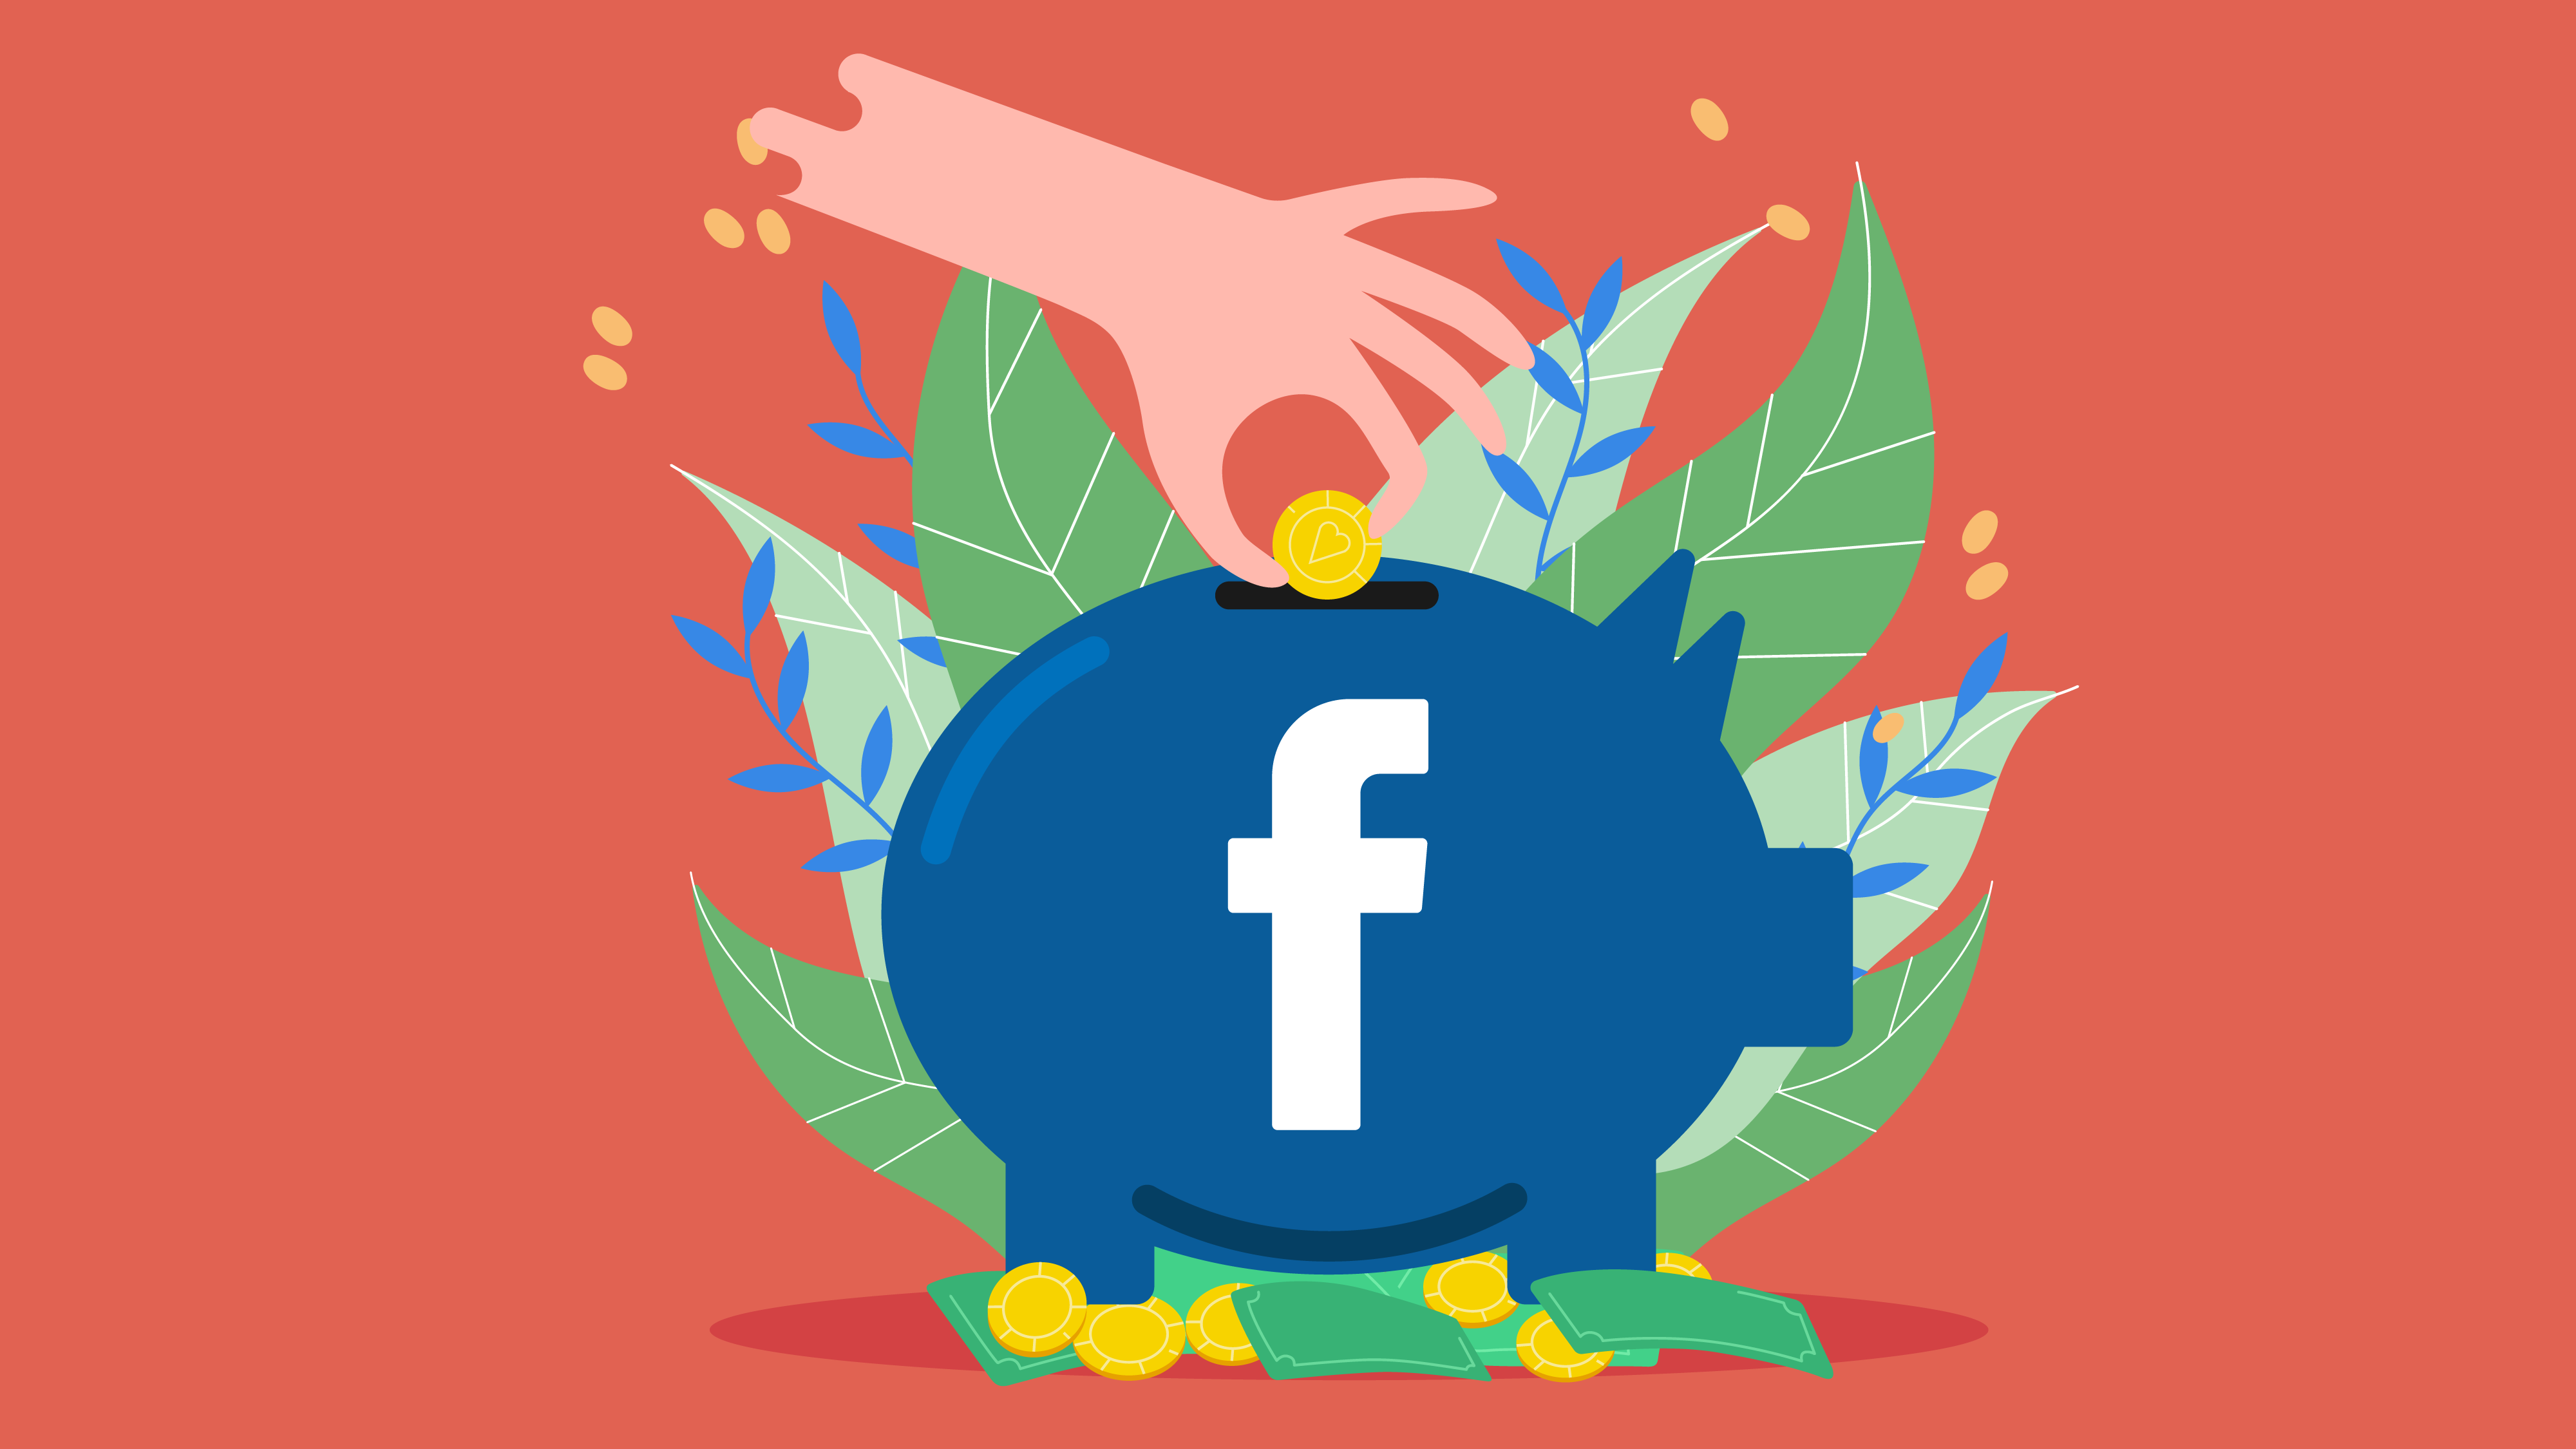 Facebook Fundraising